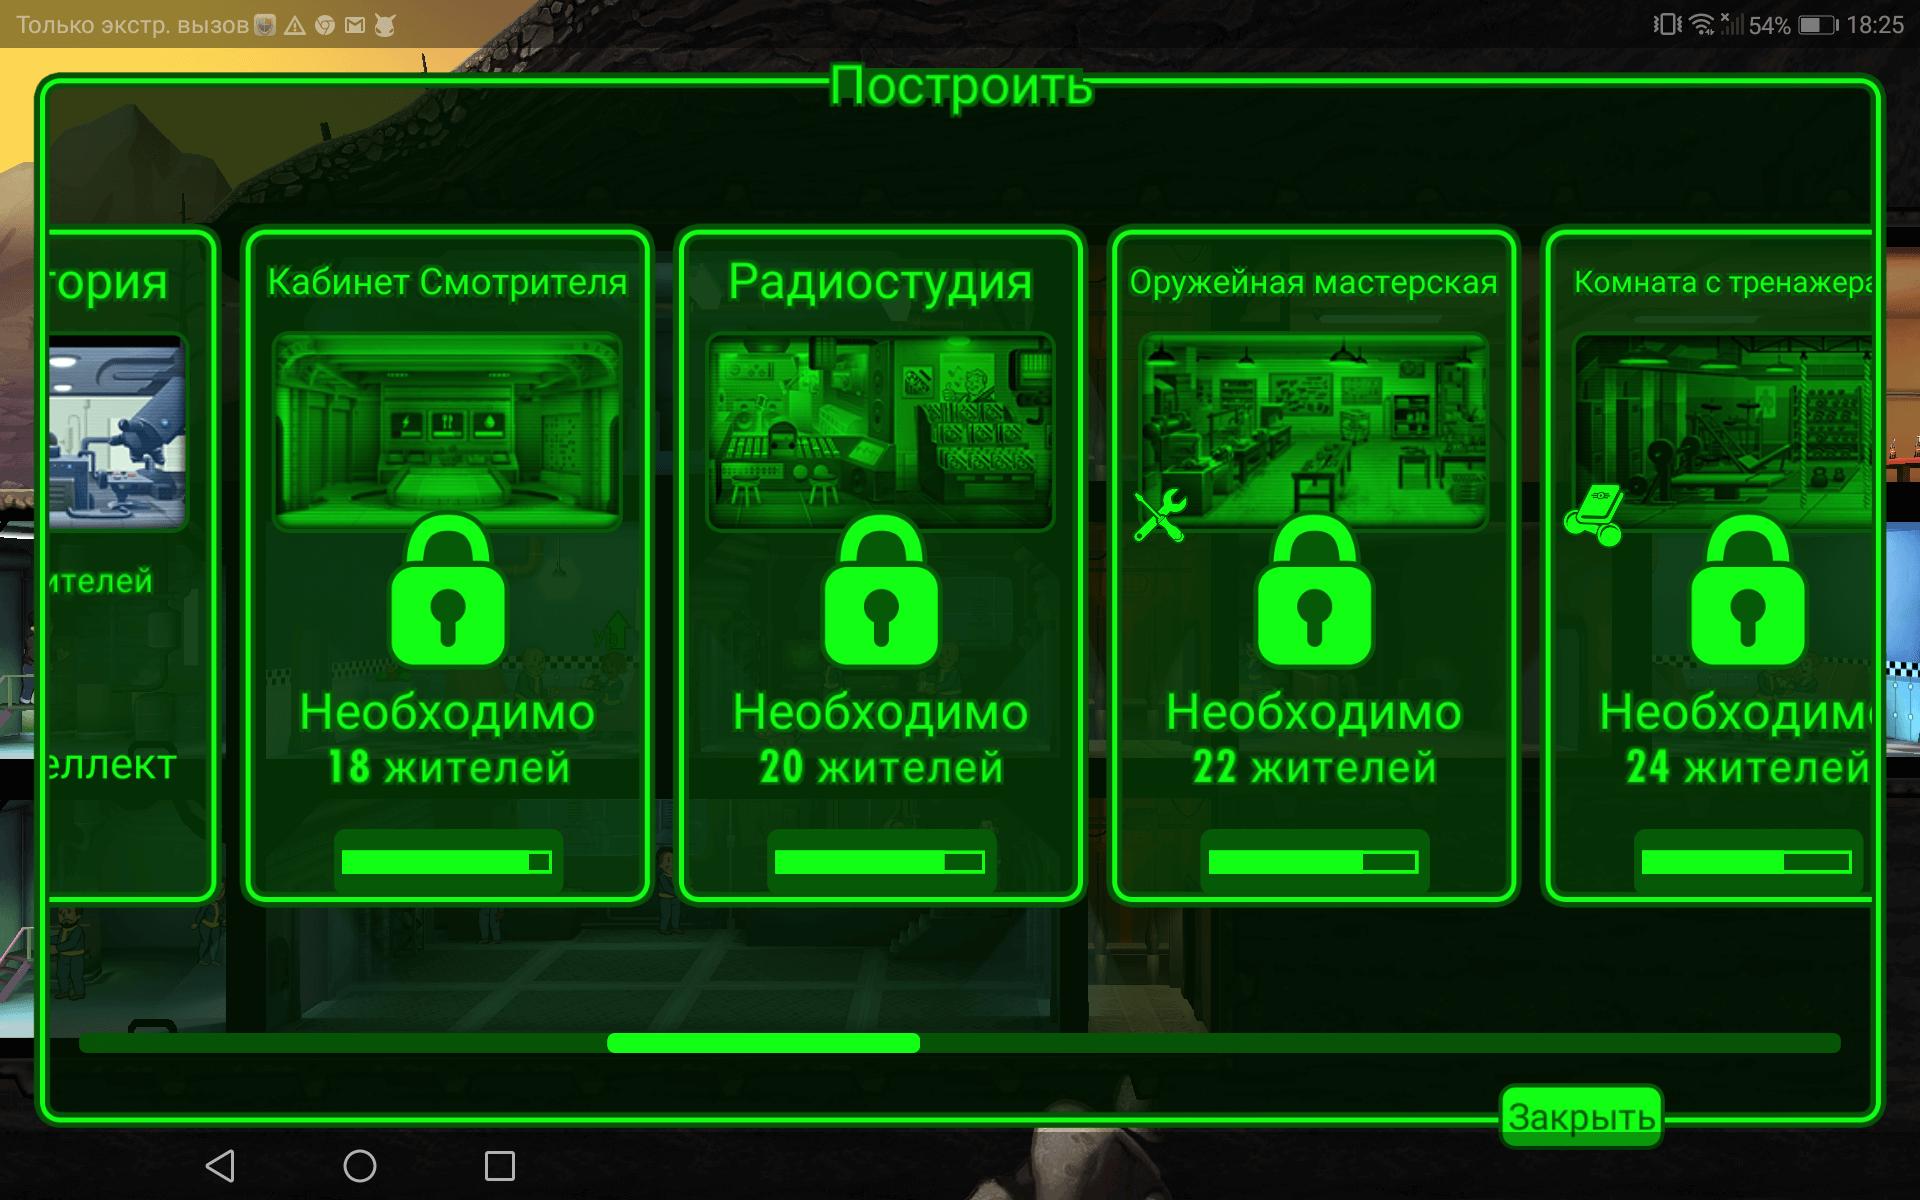 Покупка радиостанции